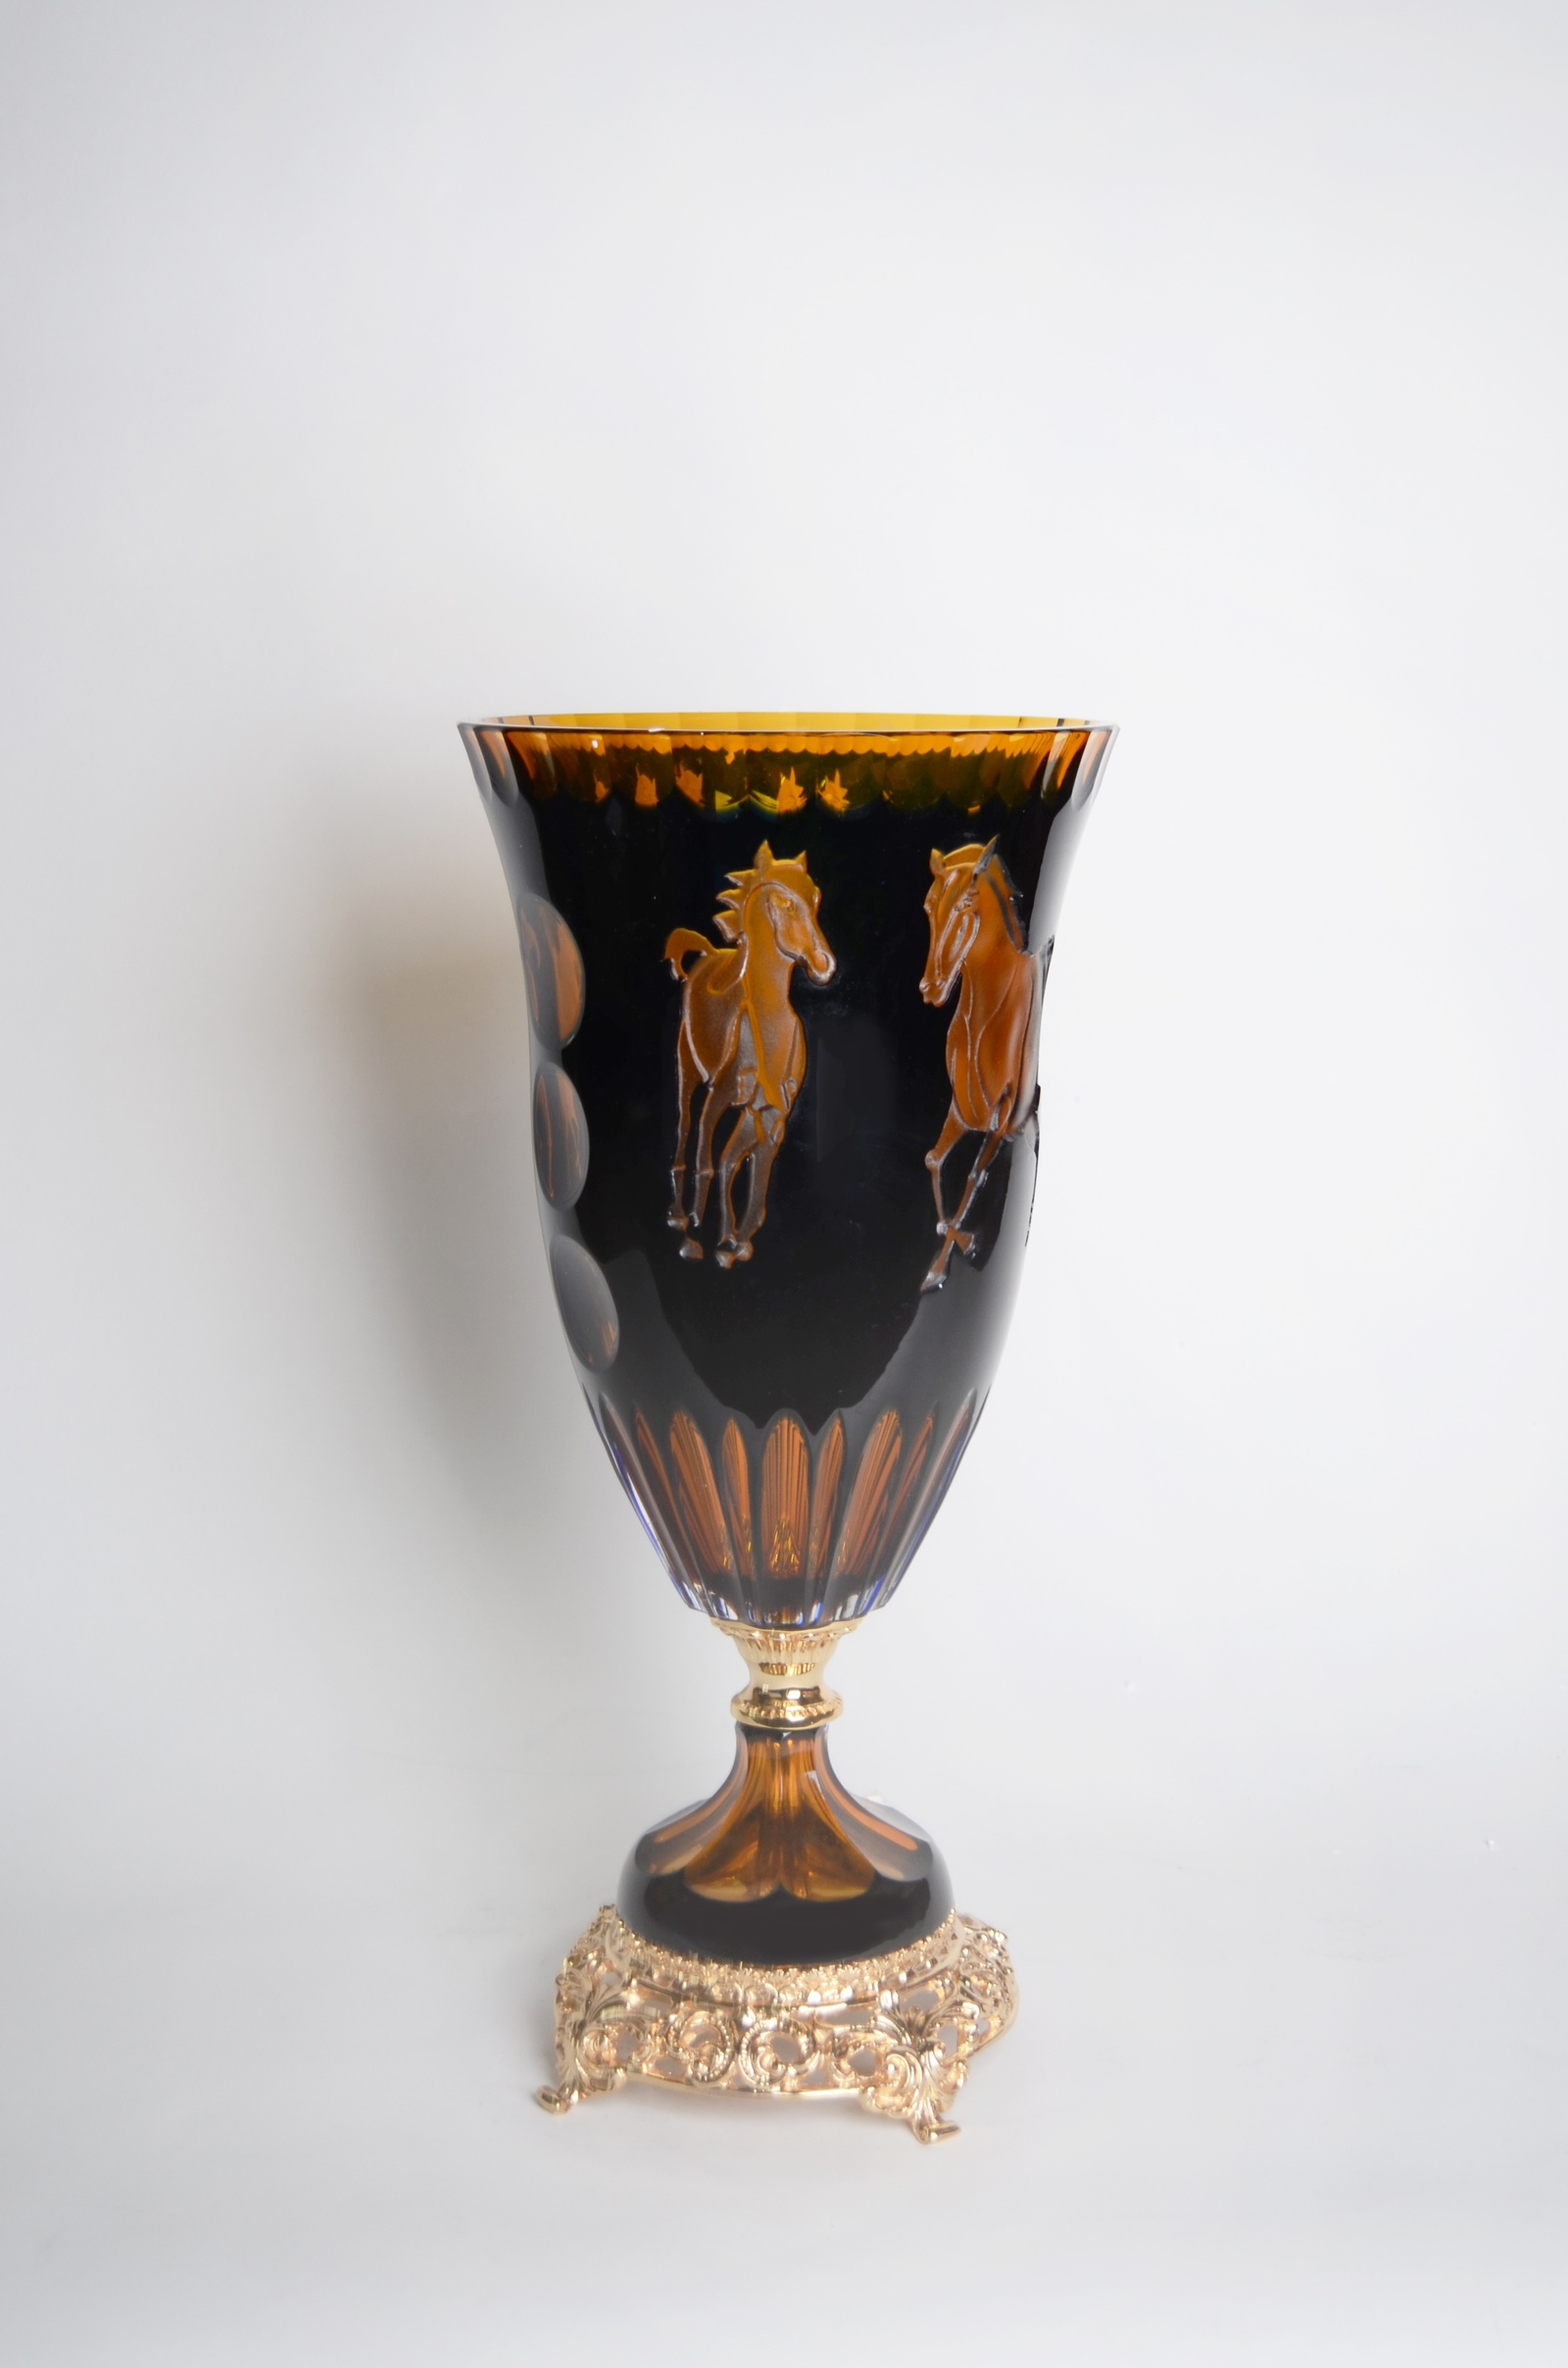 """Ваза «Leggenda dell Cavallo»01/01-CR- 82GРоскошная ваза """"Leggenda dell Cavallo» от Ninfeo удивительным образом сочетает в себе высокое мастерство исполнения, строгую размерность формы и необыкновенные сочетания цветов. Она, безусловно, послужит прекрасным подарком, являясь произведением искусства, которое порадует не только любителей лошадей, но и всех, кому не безразличен в жизни успех и процветание. Хрусталь был случайно открыт в Англии в XVII столетии, а в XIX веке он приобрел популярность уже во всей Европе. В этом столетии сочетание хрусталя и бронзы было особенно распространенным. Изысканные дворцовые предметы создавались на всех стекольных заводах Европы. Изделия из хрусталя следует защищать от попадания влаги и прямых солнечных лучей. Протирать сухой фланелевой тканью без использования щелочей и кислот."""